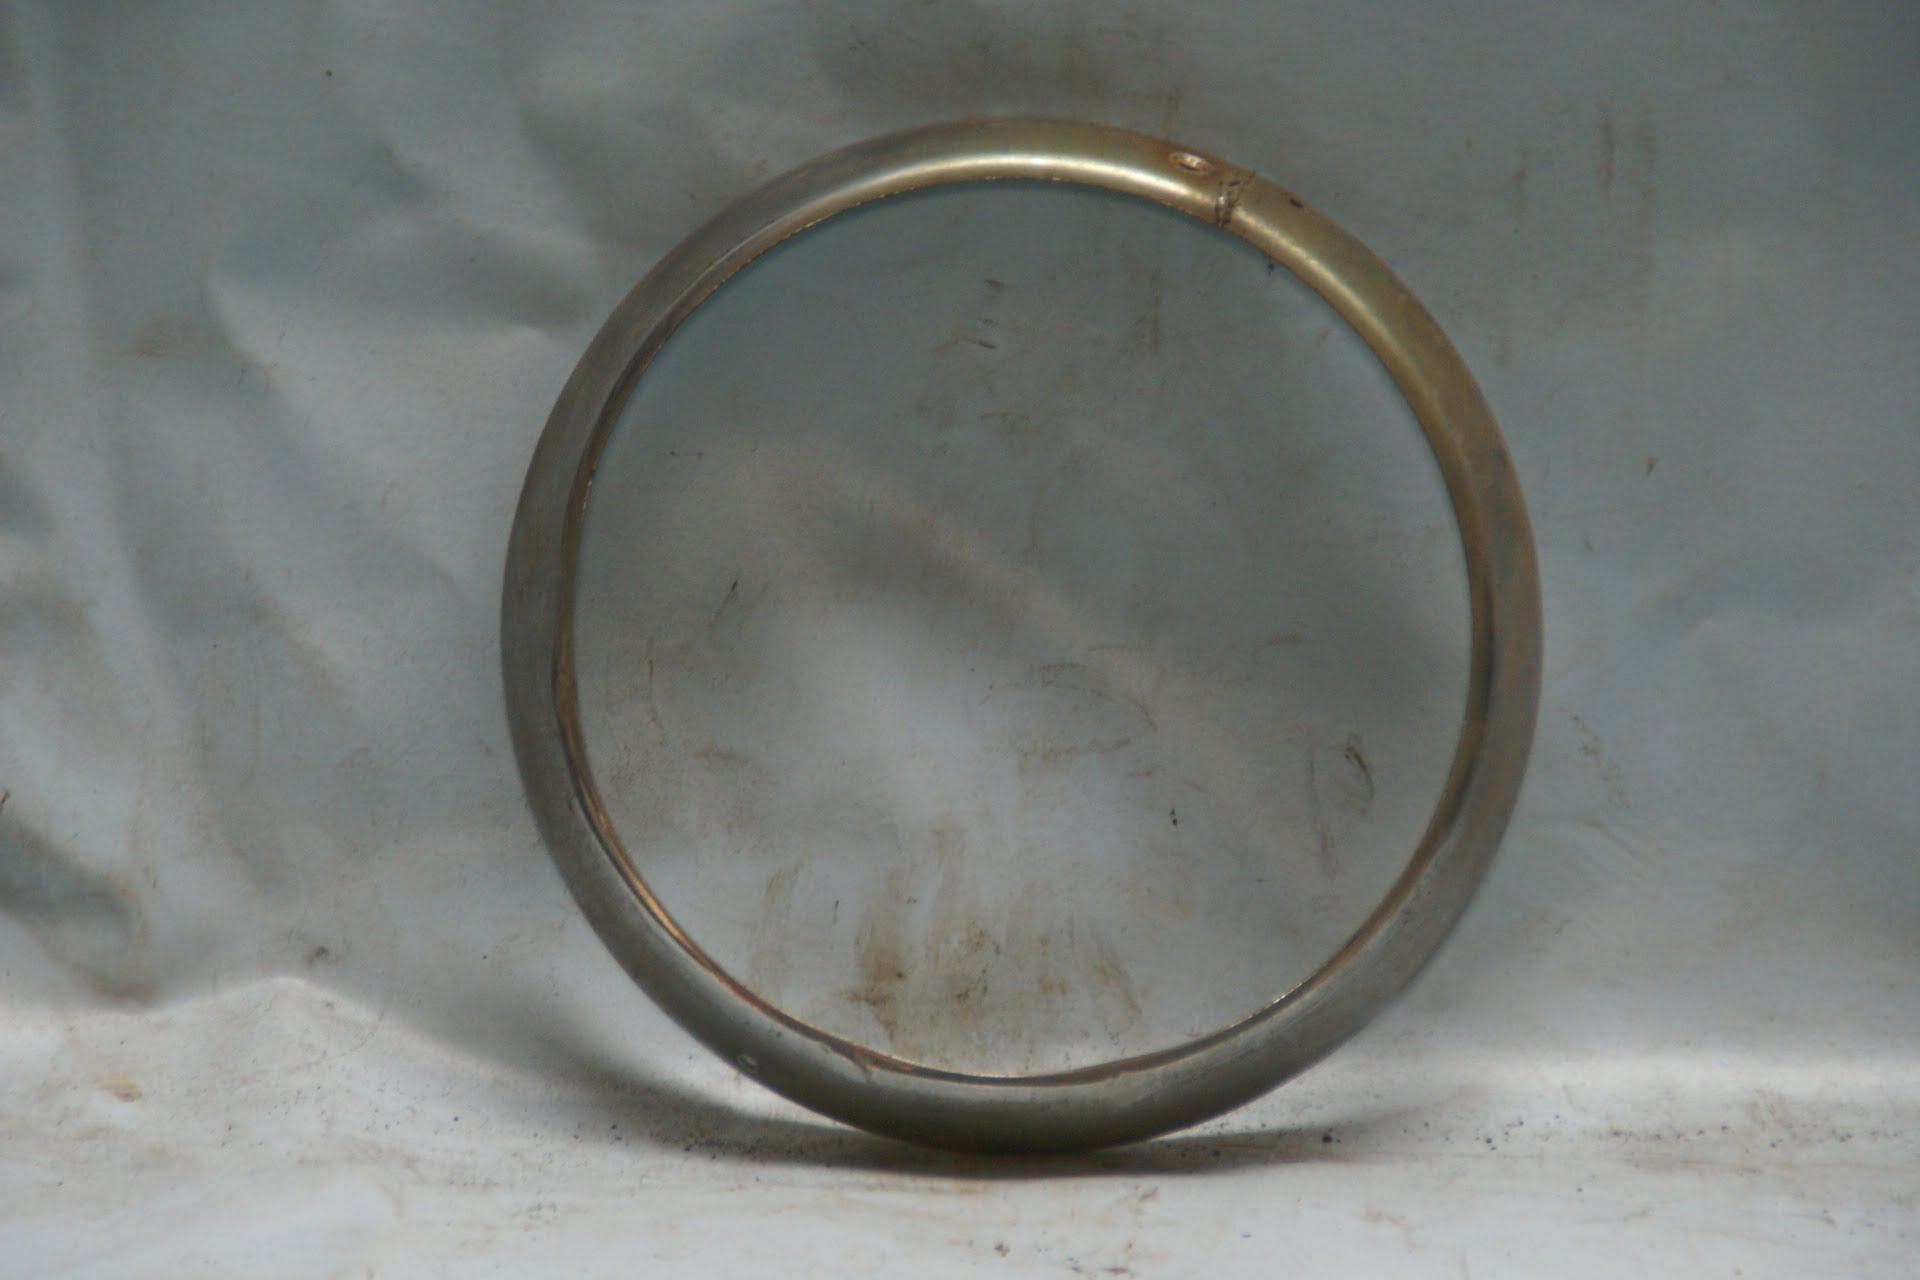 koplampsierring verchroomd 180627-5857-0